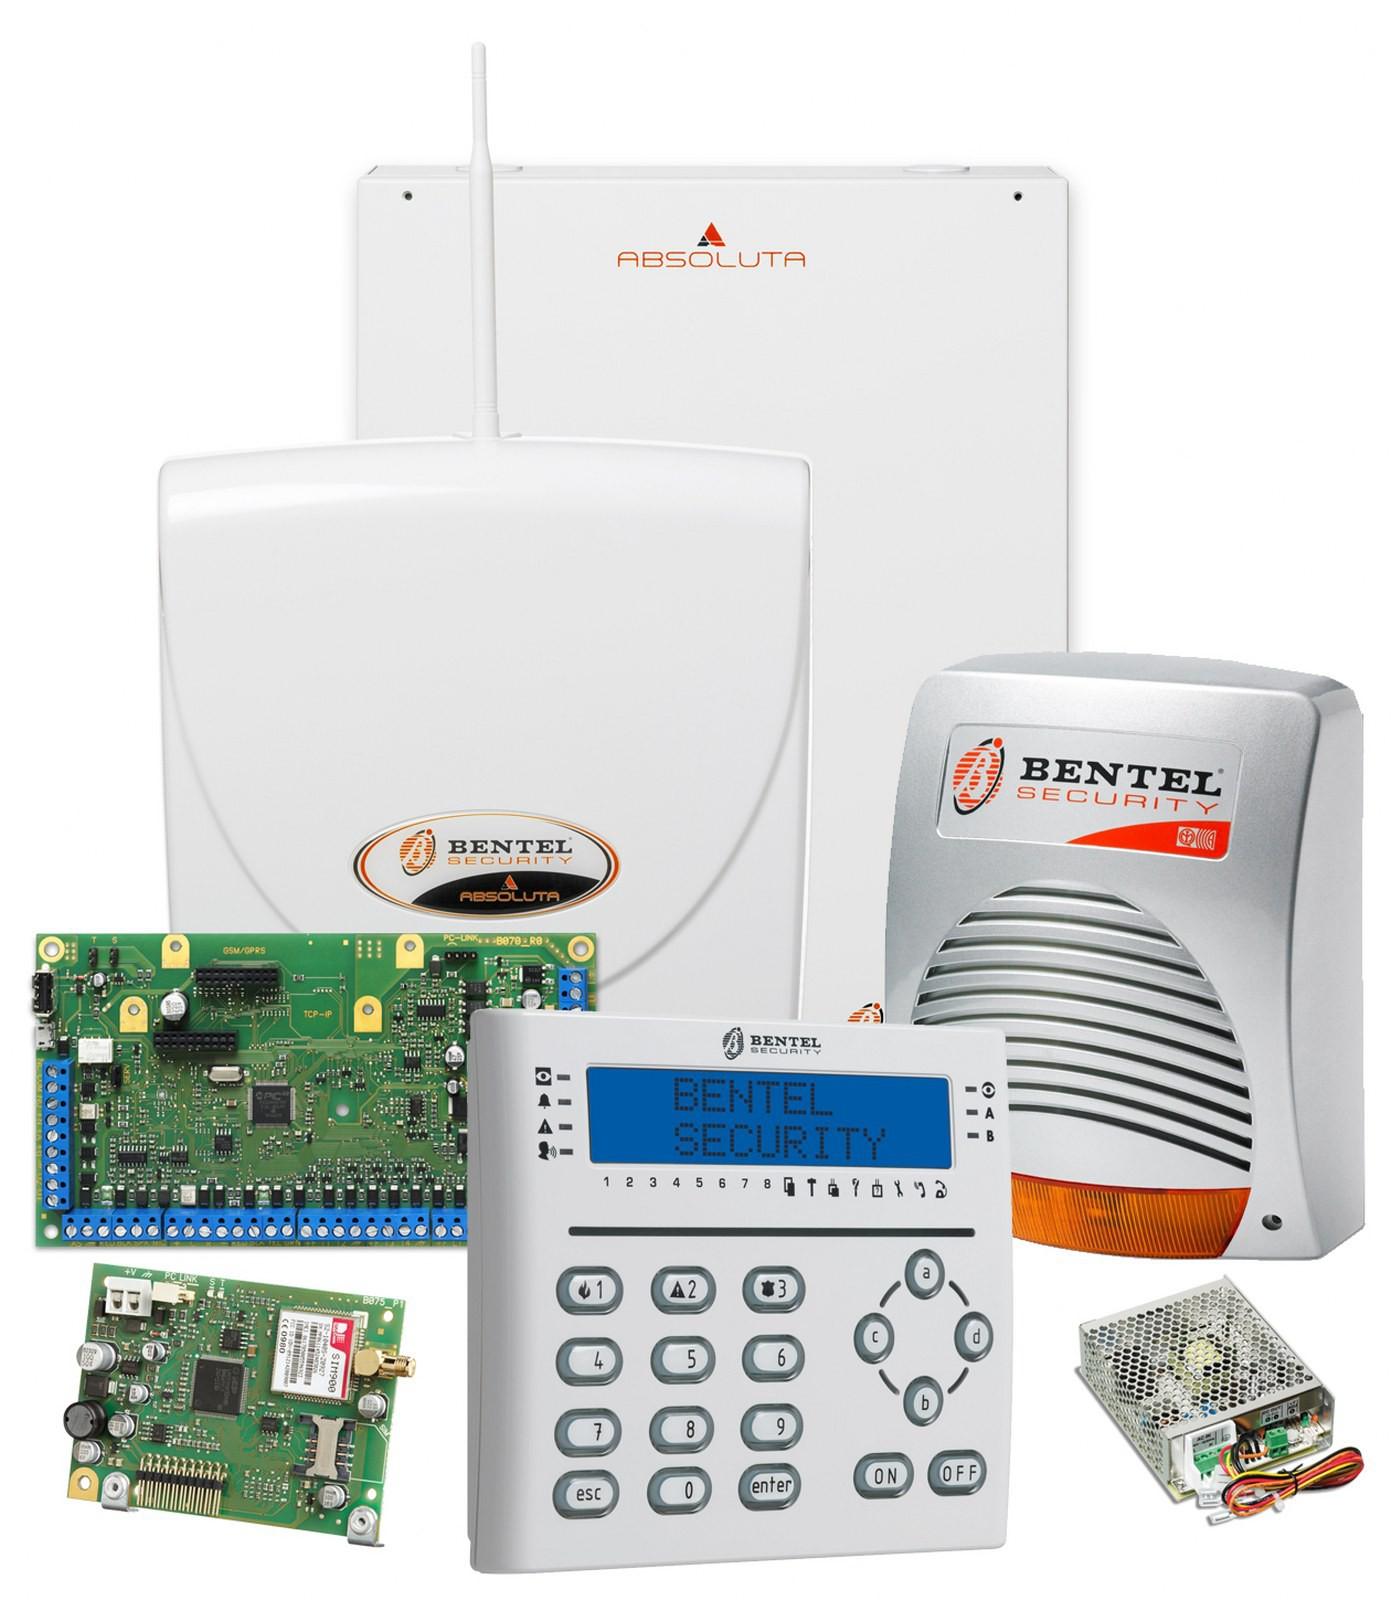 Kit antifurto filare 16 zone bentel centrale box antenna for Bentel absoluta 42 prezzo